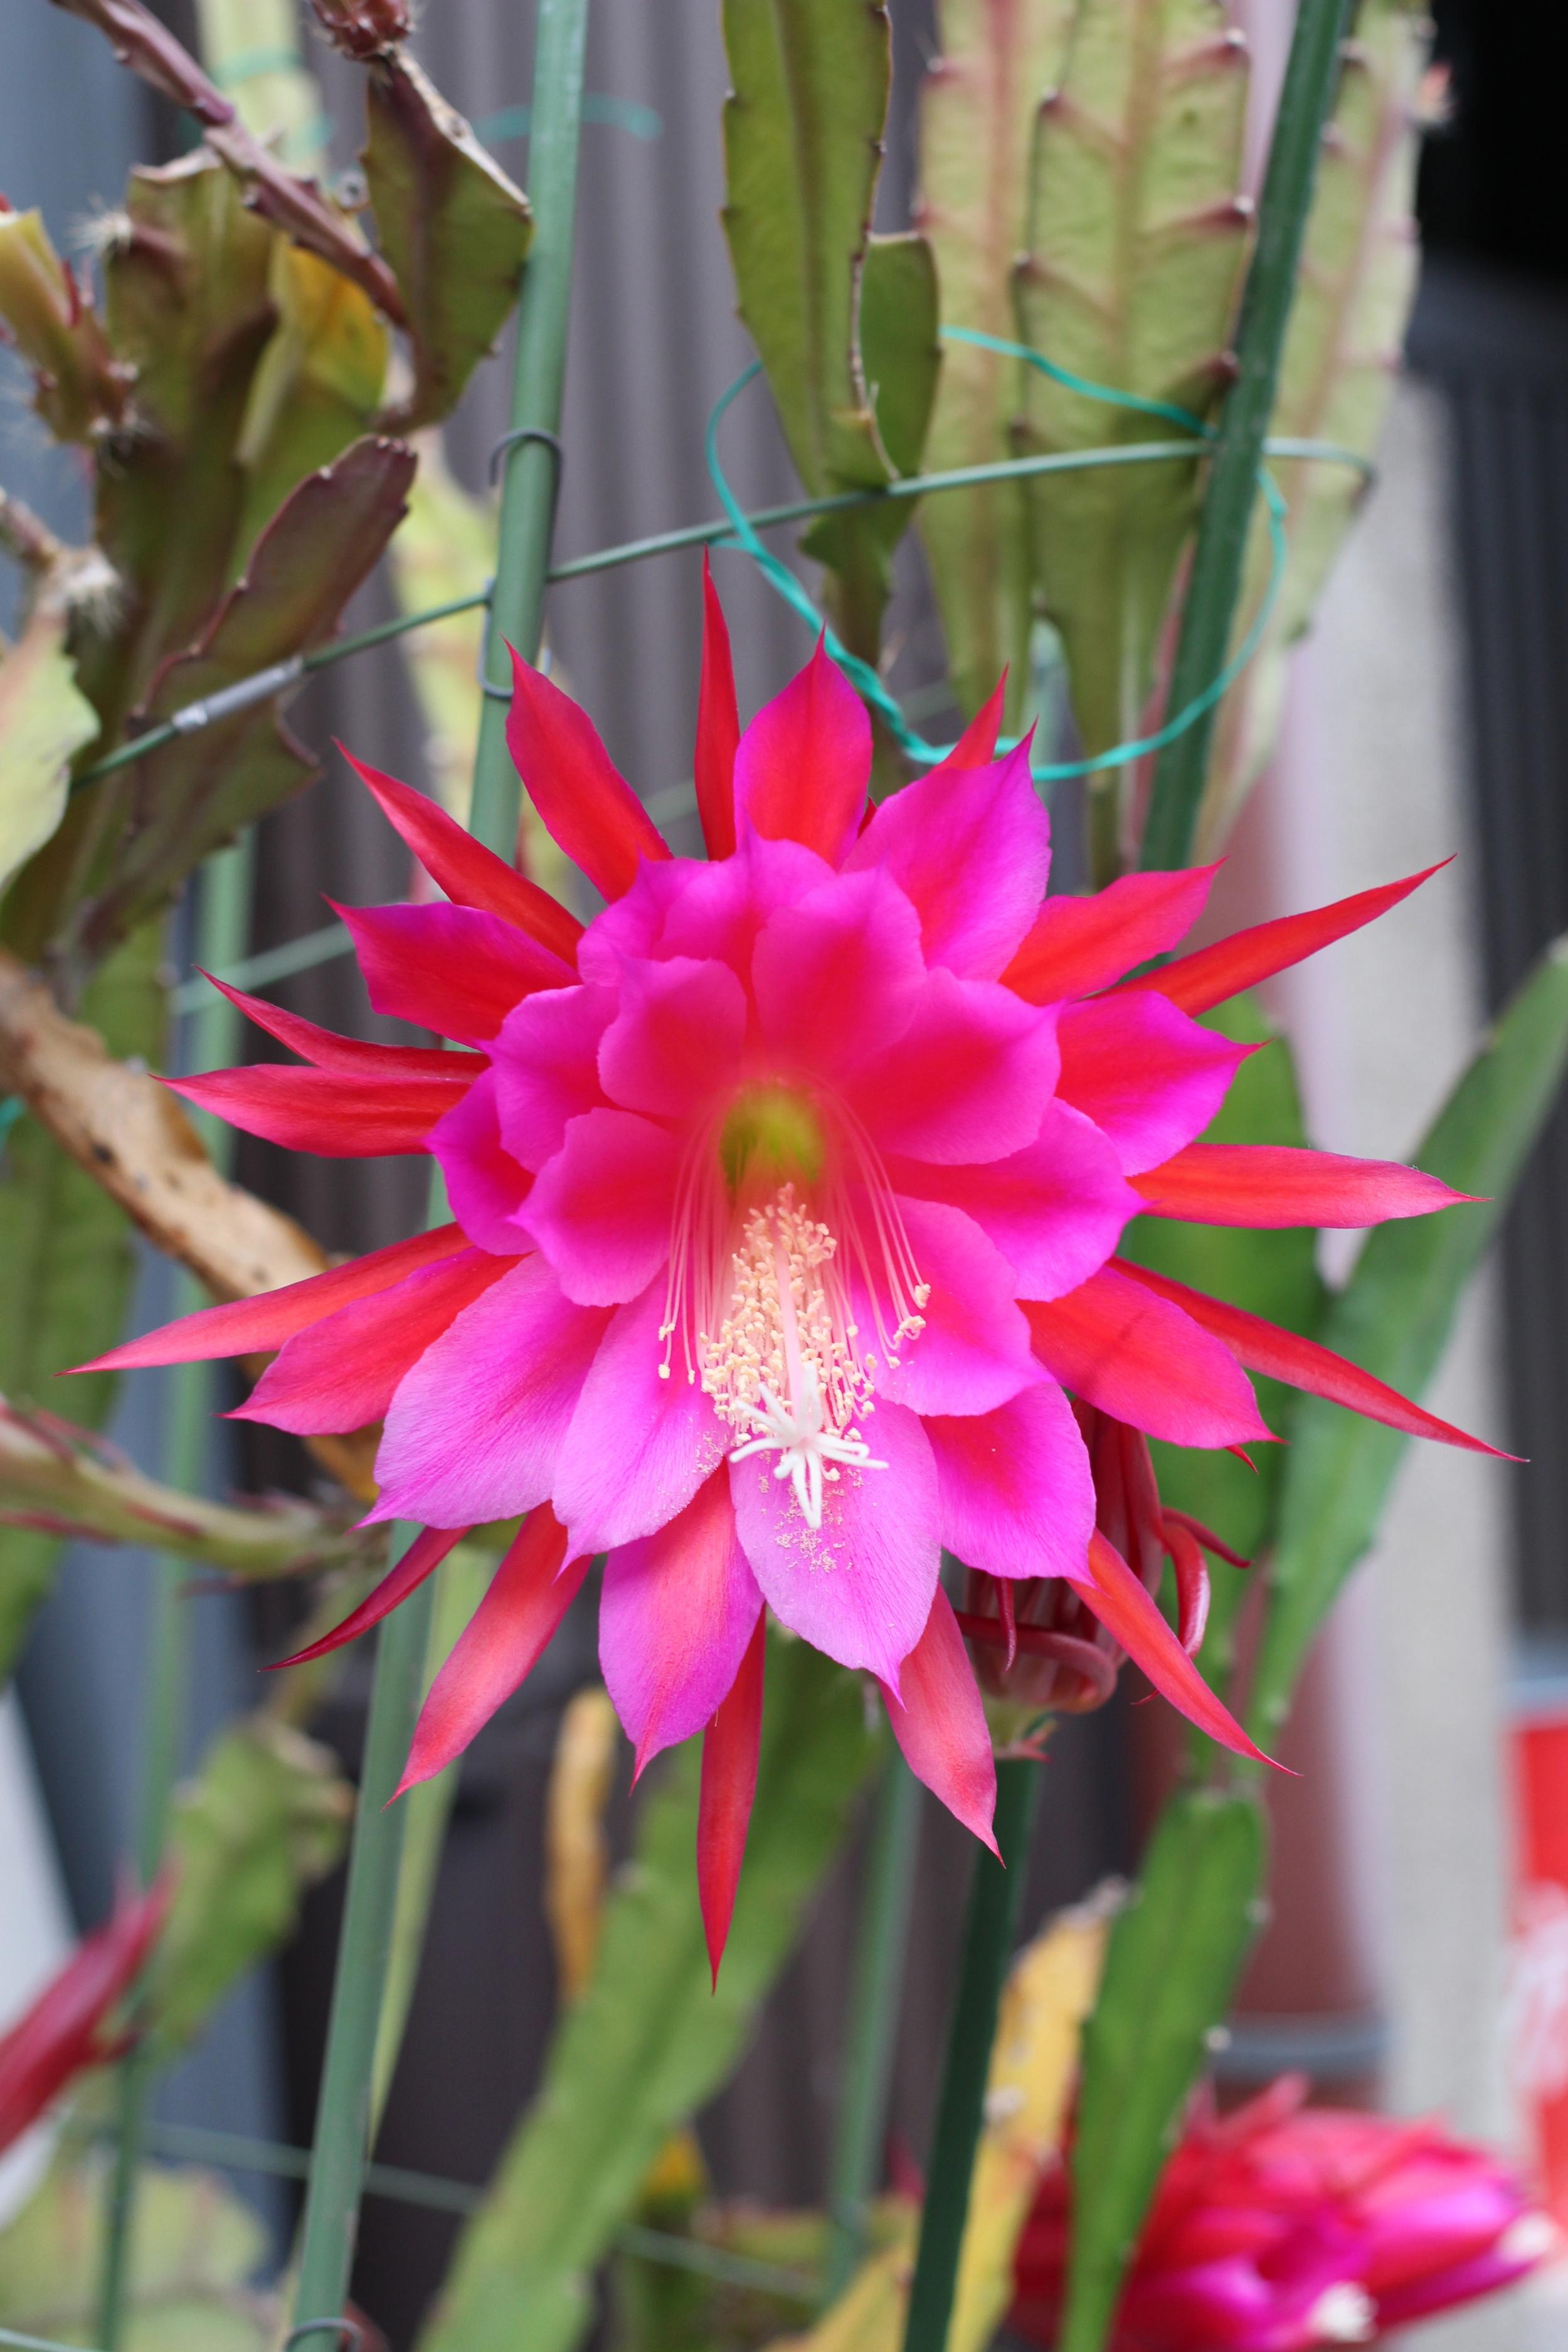 kyotoflower.jpg